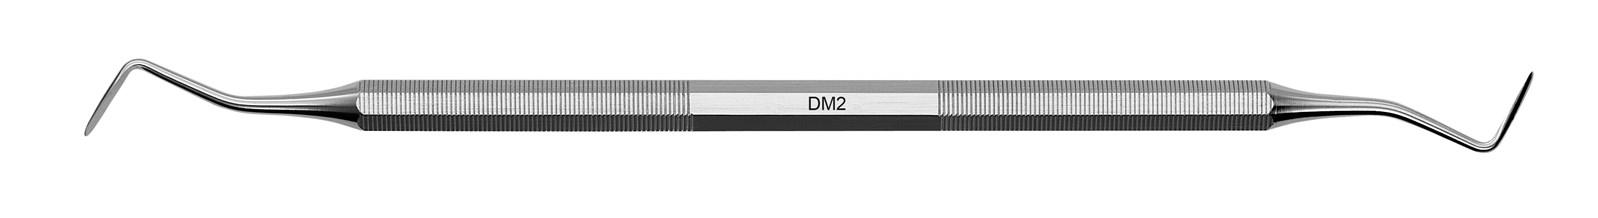 Lžičkové dlátko - DM2, ADEP tmavě zelený